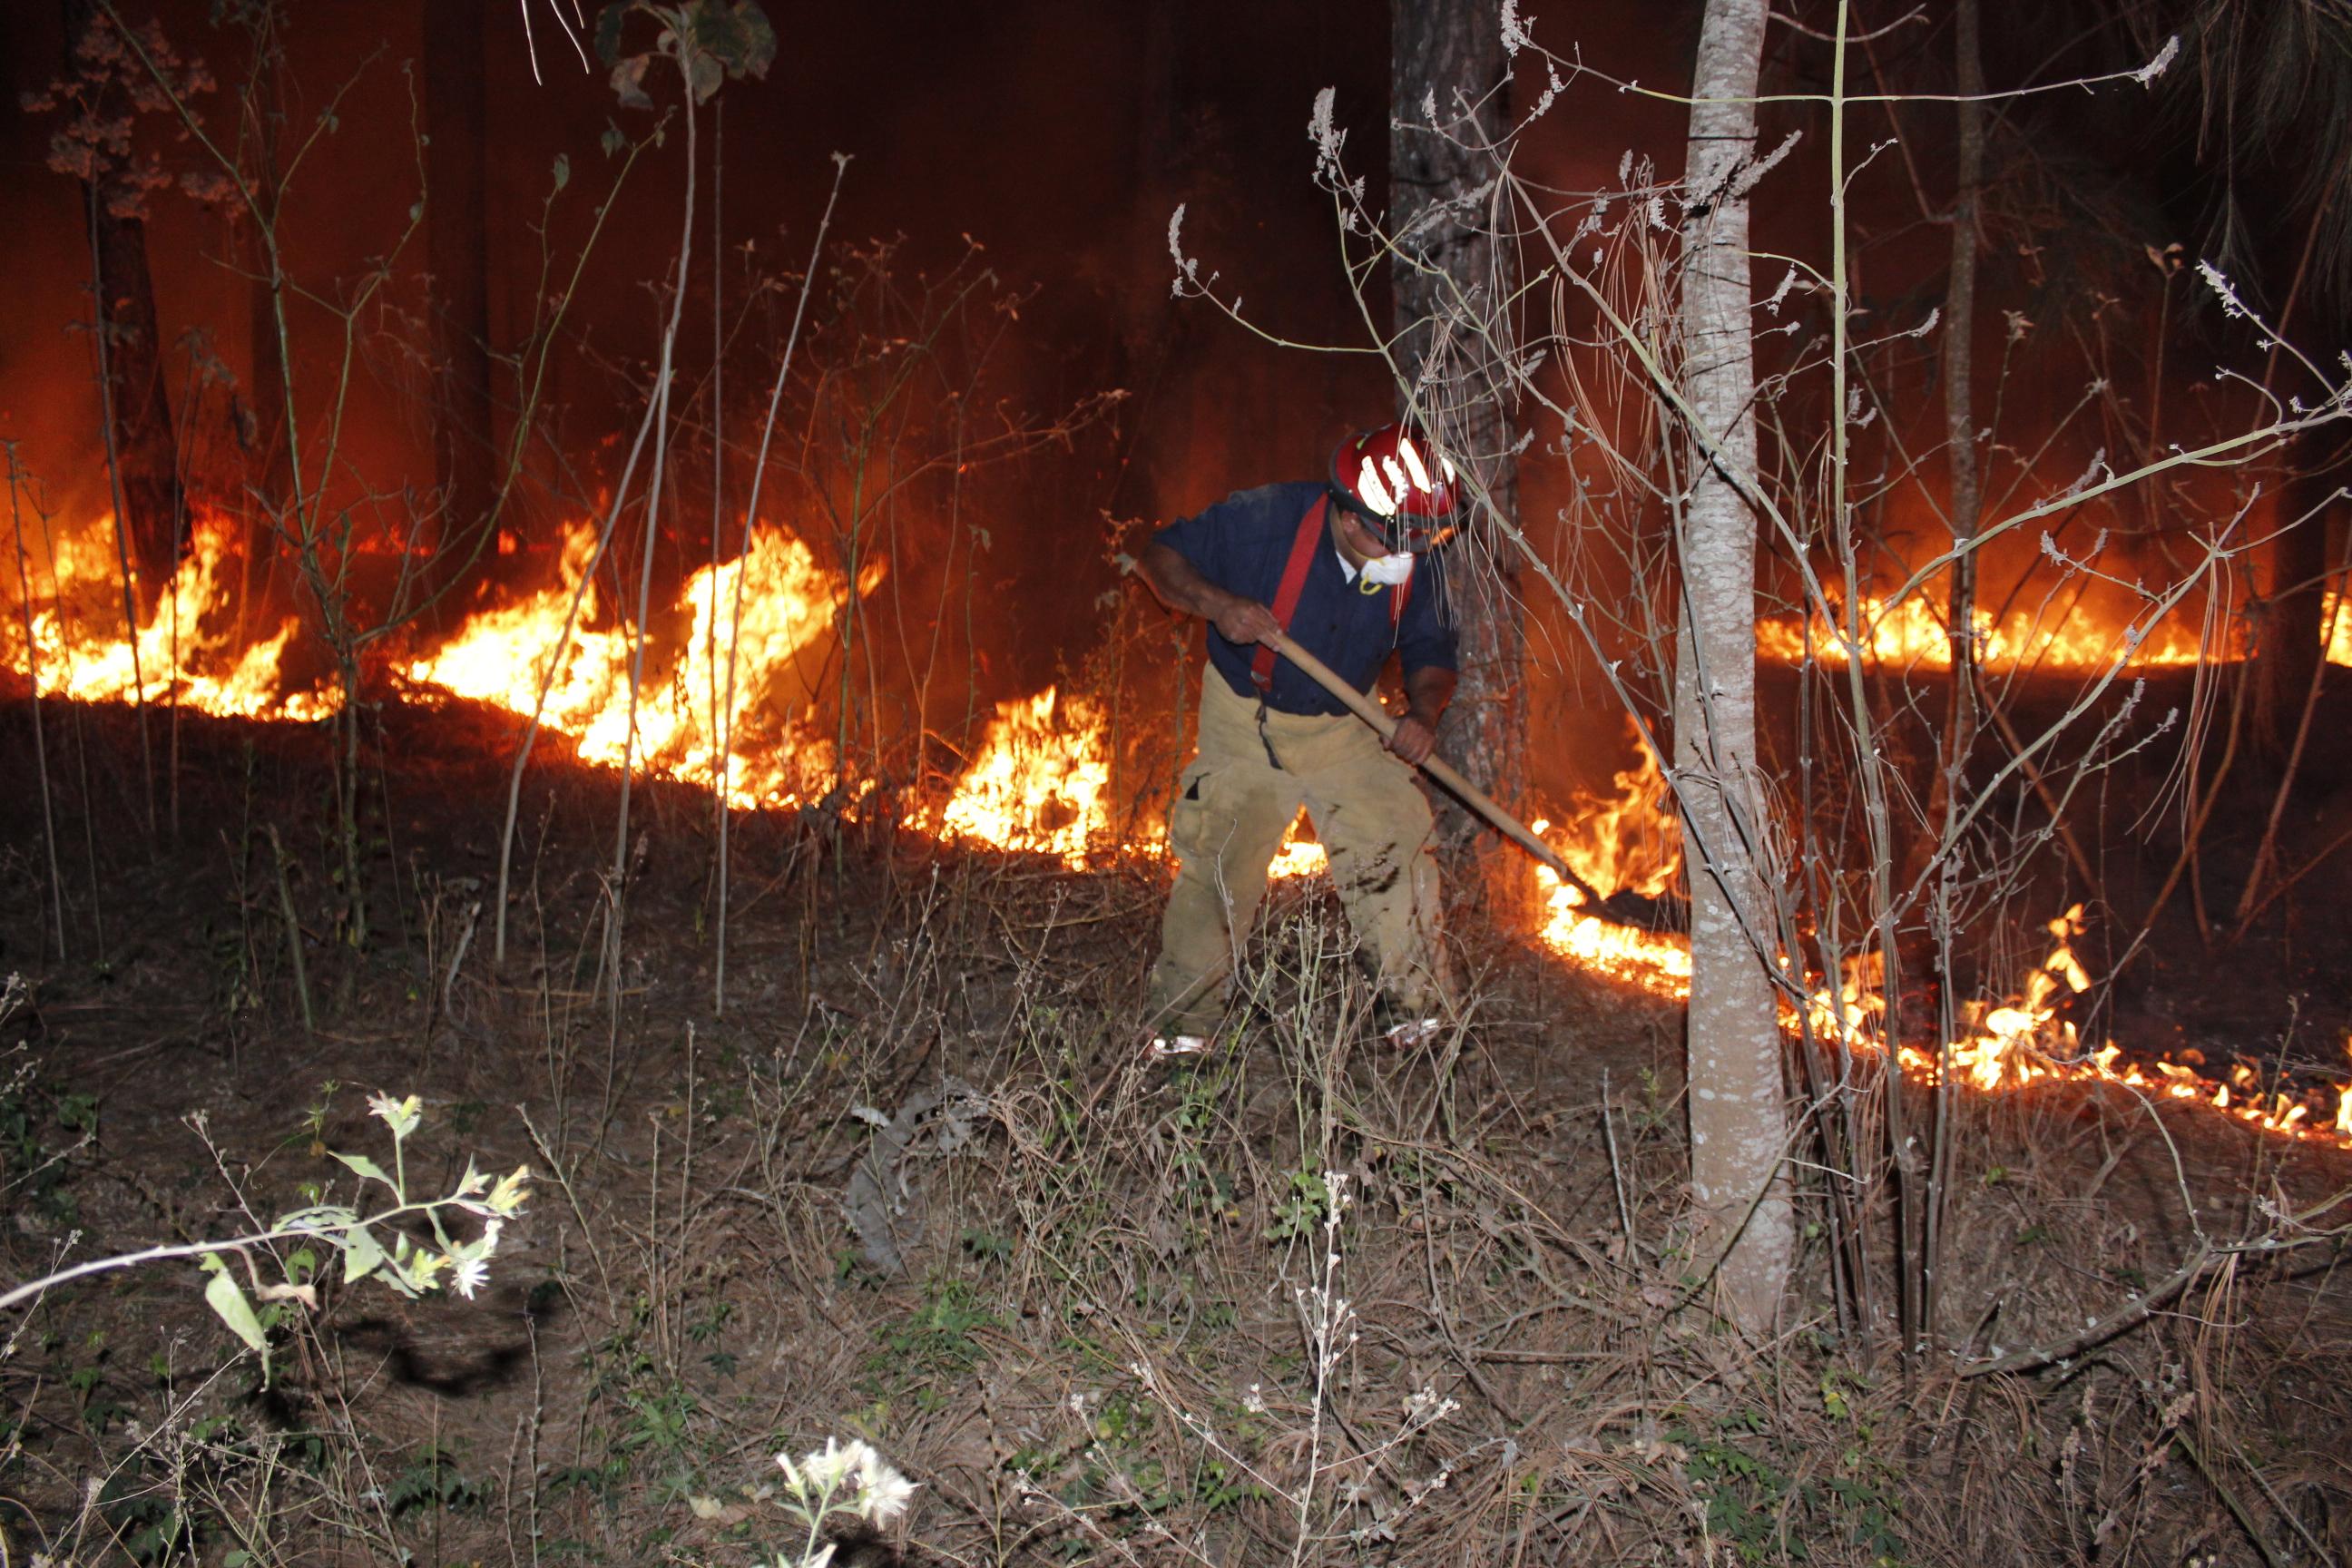 Socorristas apagan un incendio forestal en Chimaltenango, (Foto Prensa Libre: Víctor Chamalé)